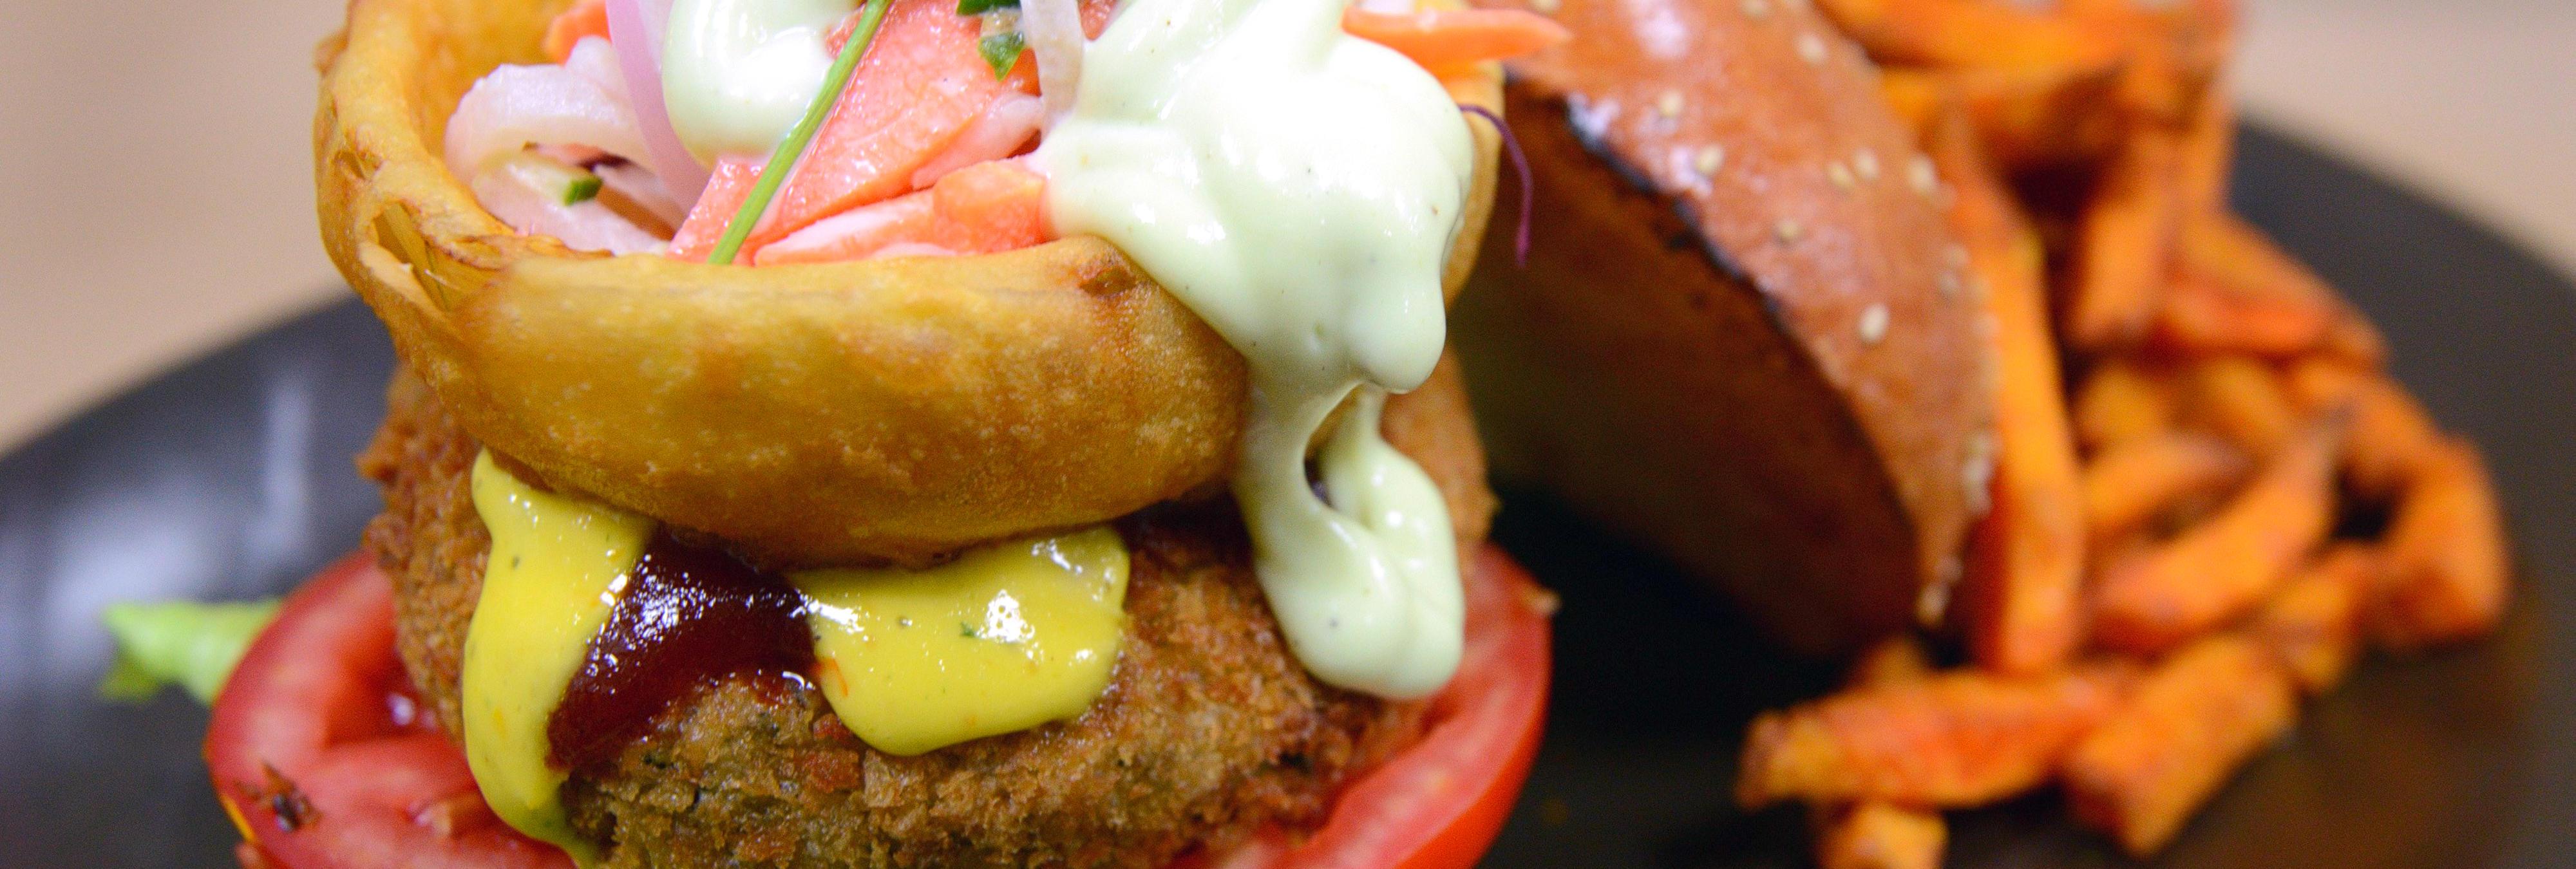 McDonald's pidió ideas para una nueva hamburguesa y lo más suave que recibió fue una inspirada en una vagina